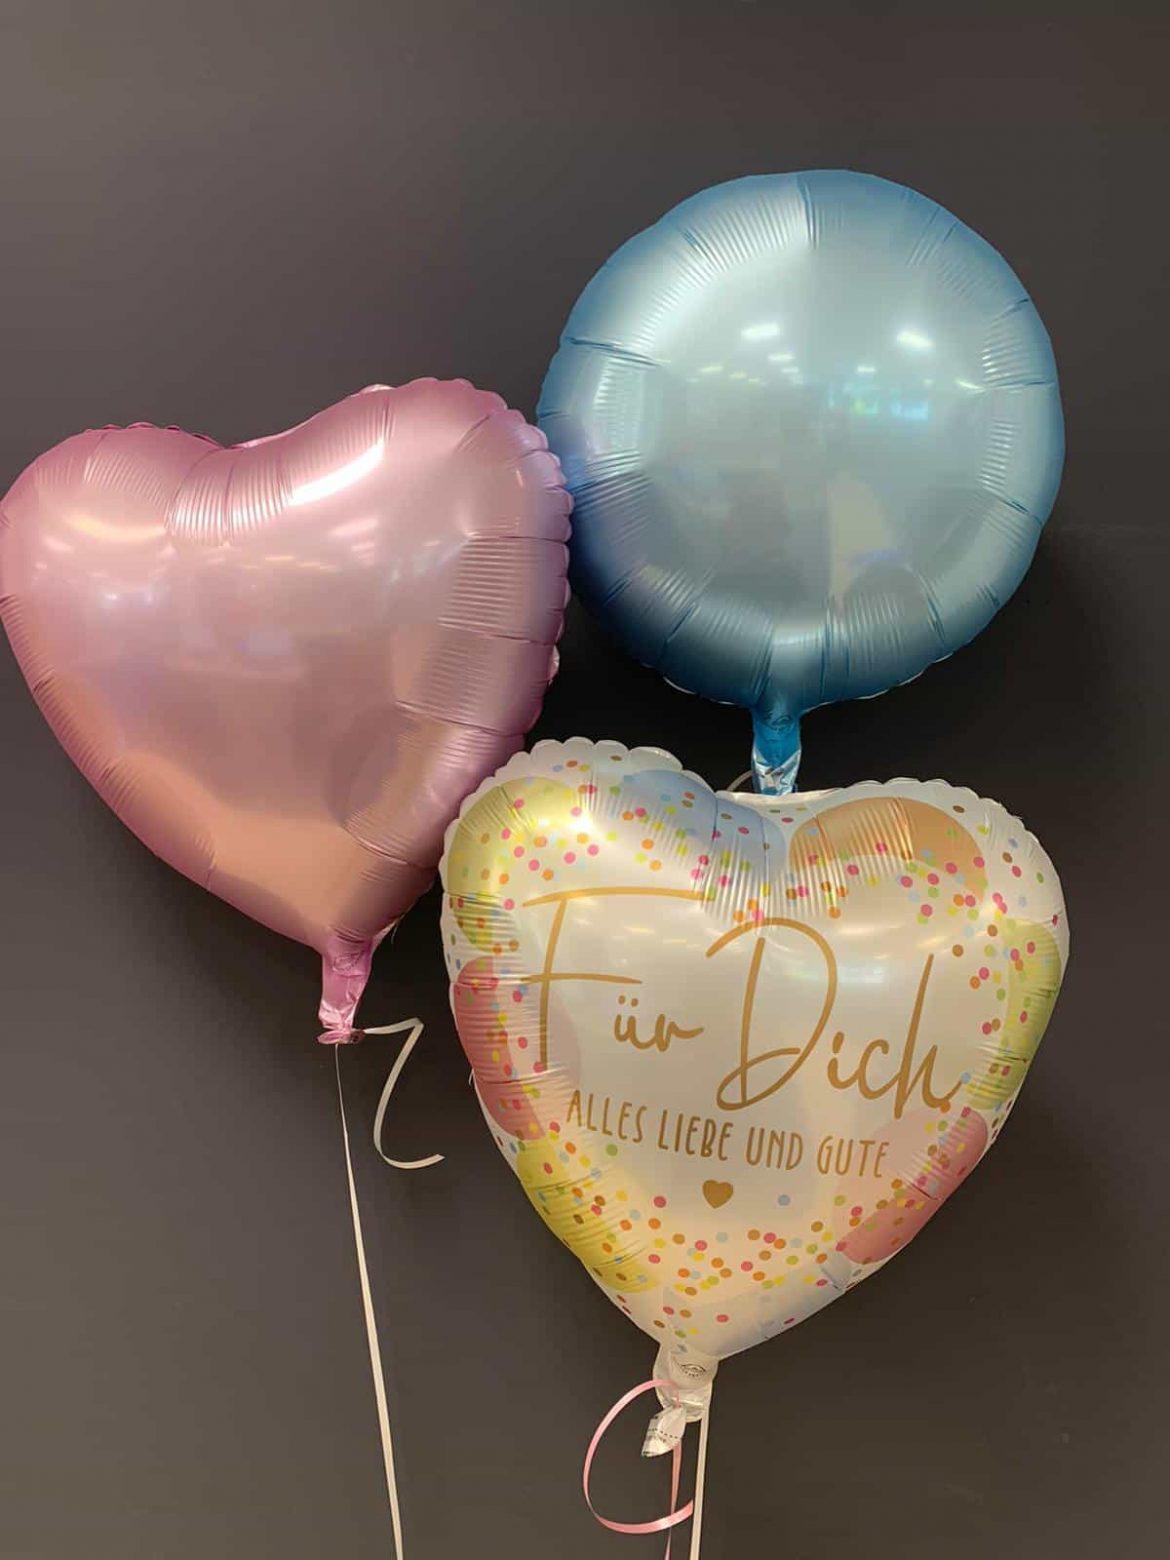 Ballon Für Dich Alles Liebe und Gute € 5,90 und Dekoballons € 4,50 1